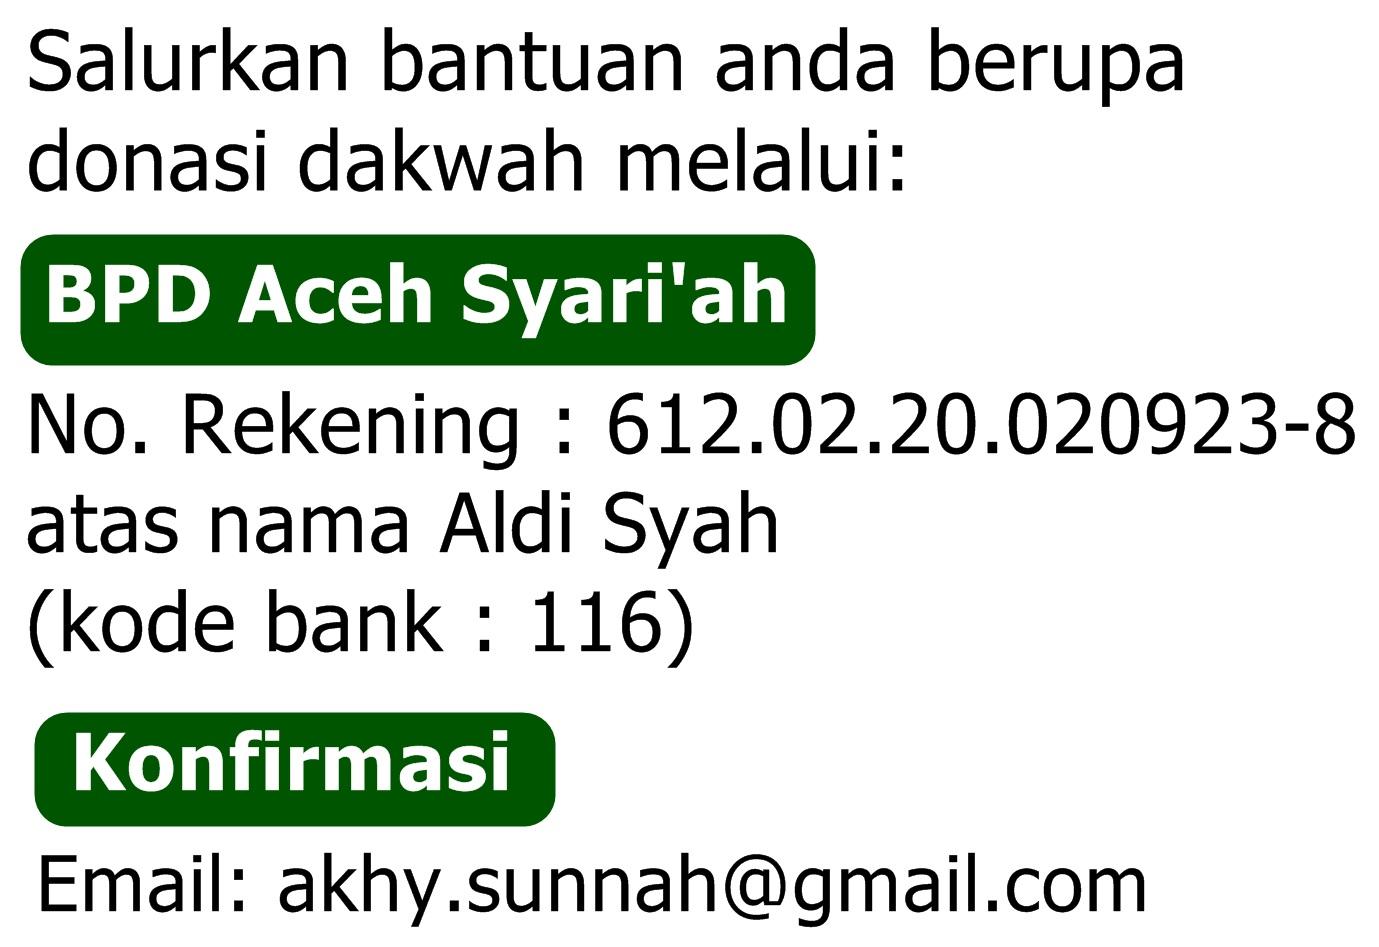 Donasi Dakwah IKHWANSUNNAH.NET